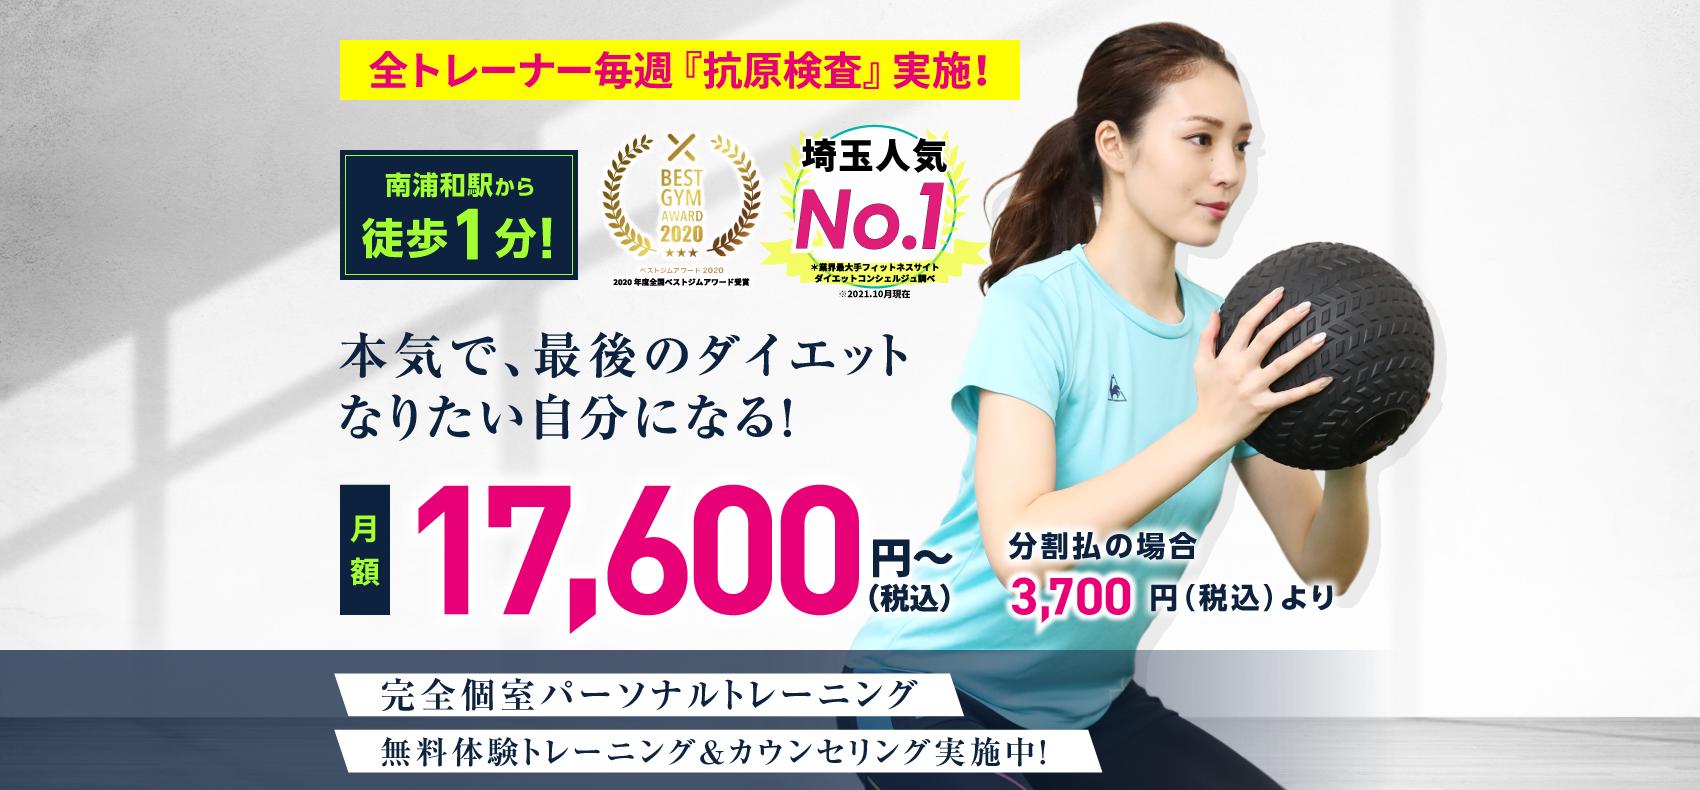 浦和駅から徒歩3分!パーソナルトレーニングジム|月額14,890円